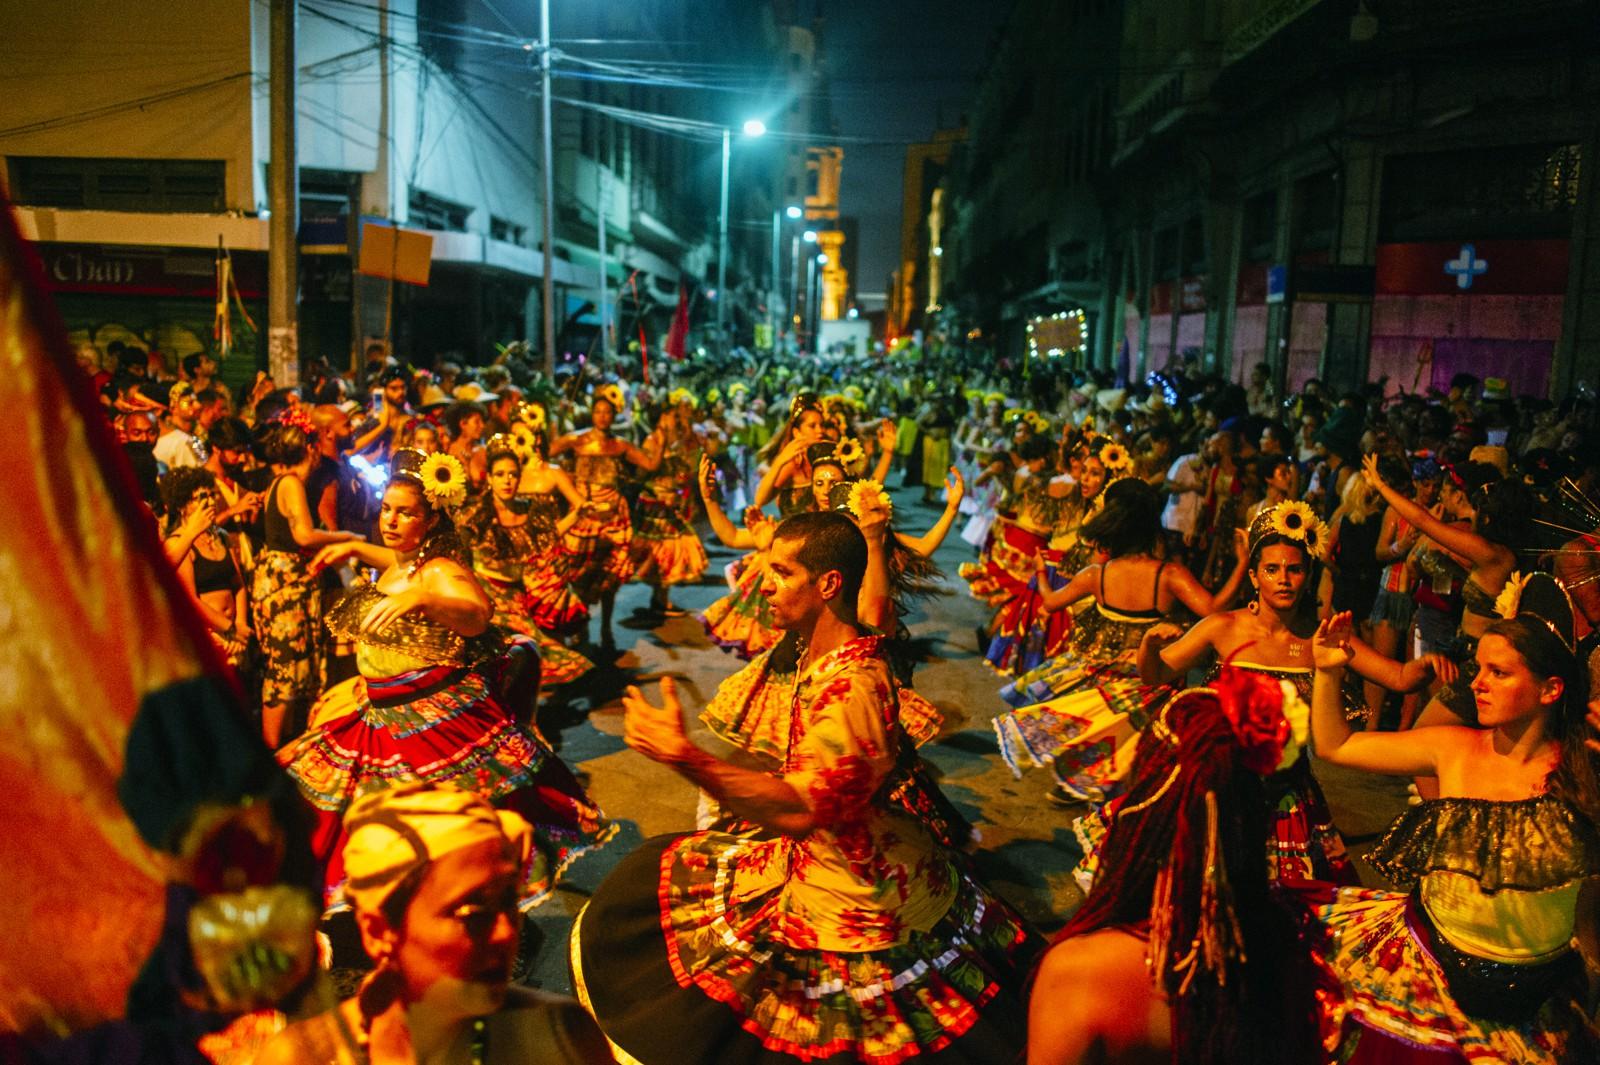 mejor Río local Carnaval guía callejeras La de el para en fiestas O8n0wkP